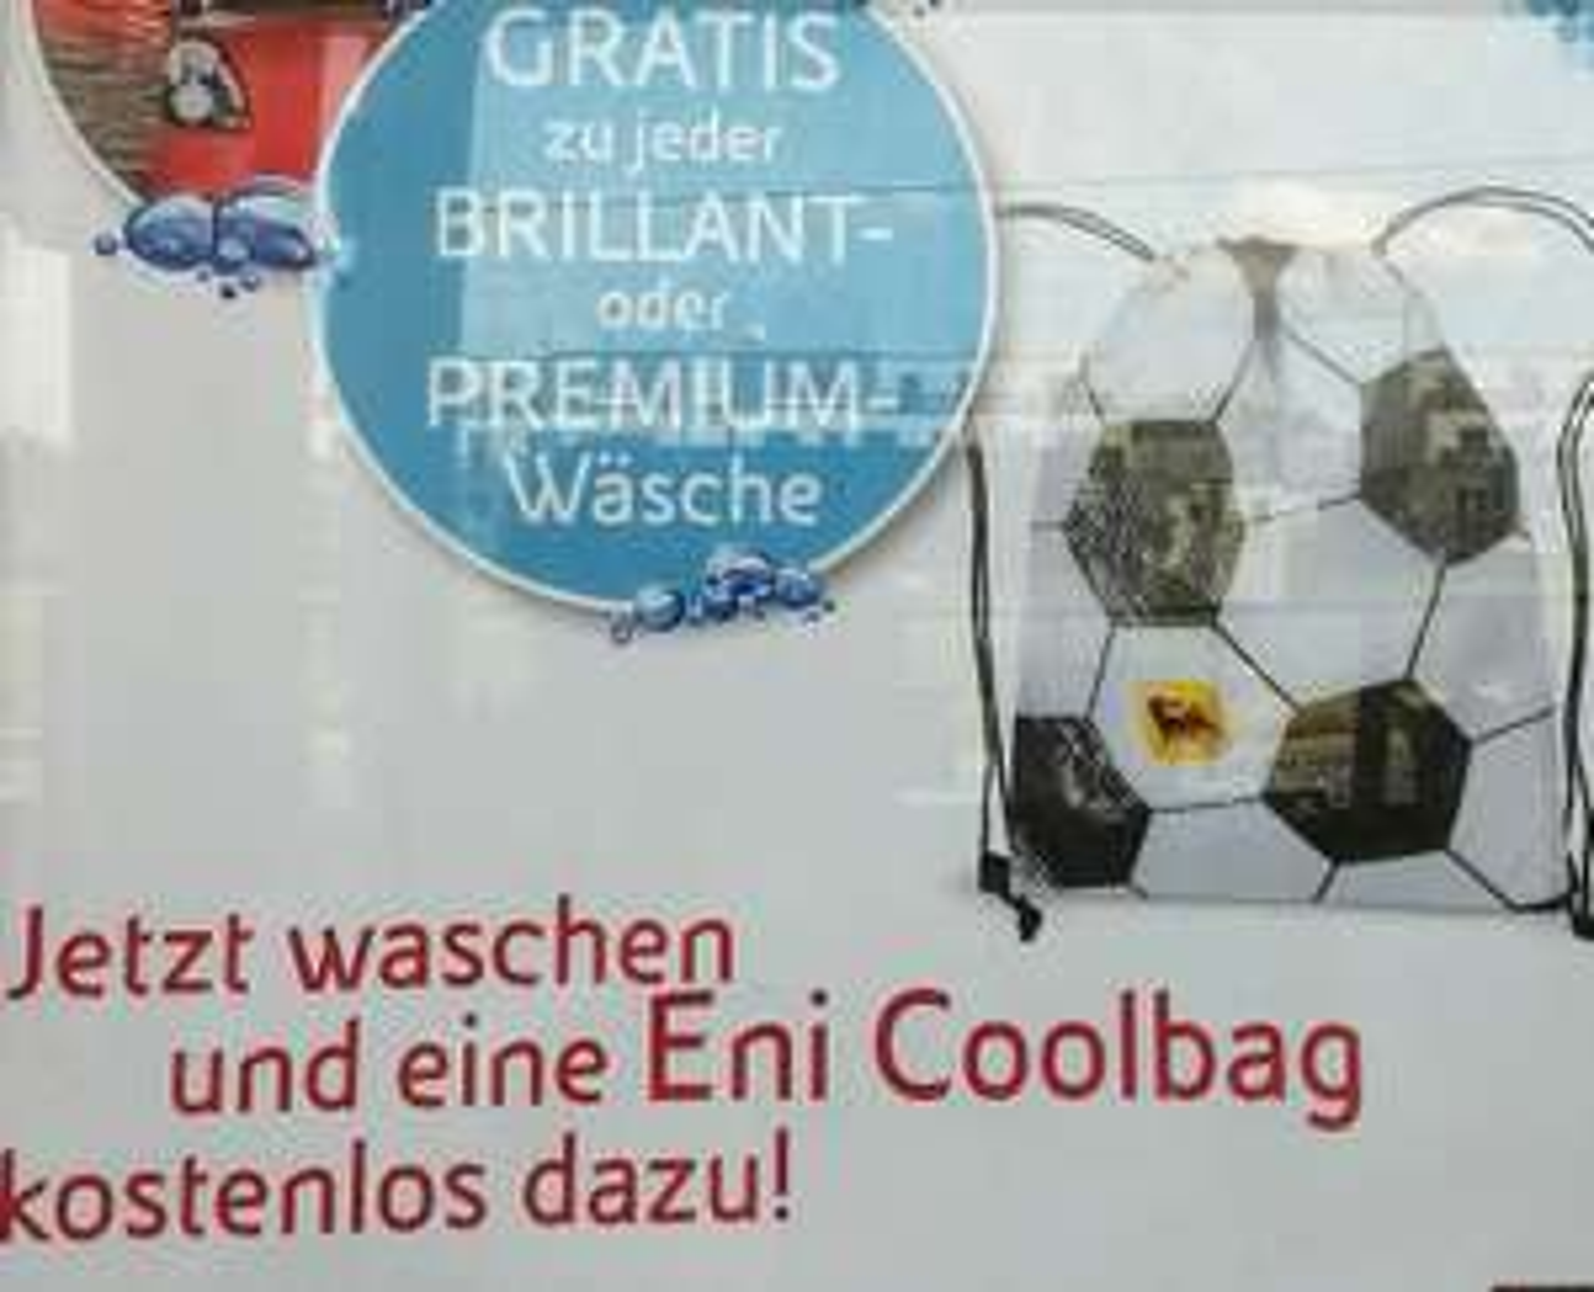 Eni: Gratis Coolbag zu jeder Autowäsche